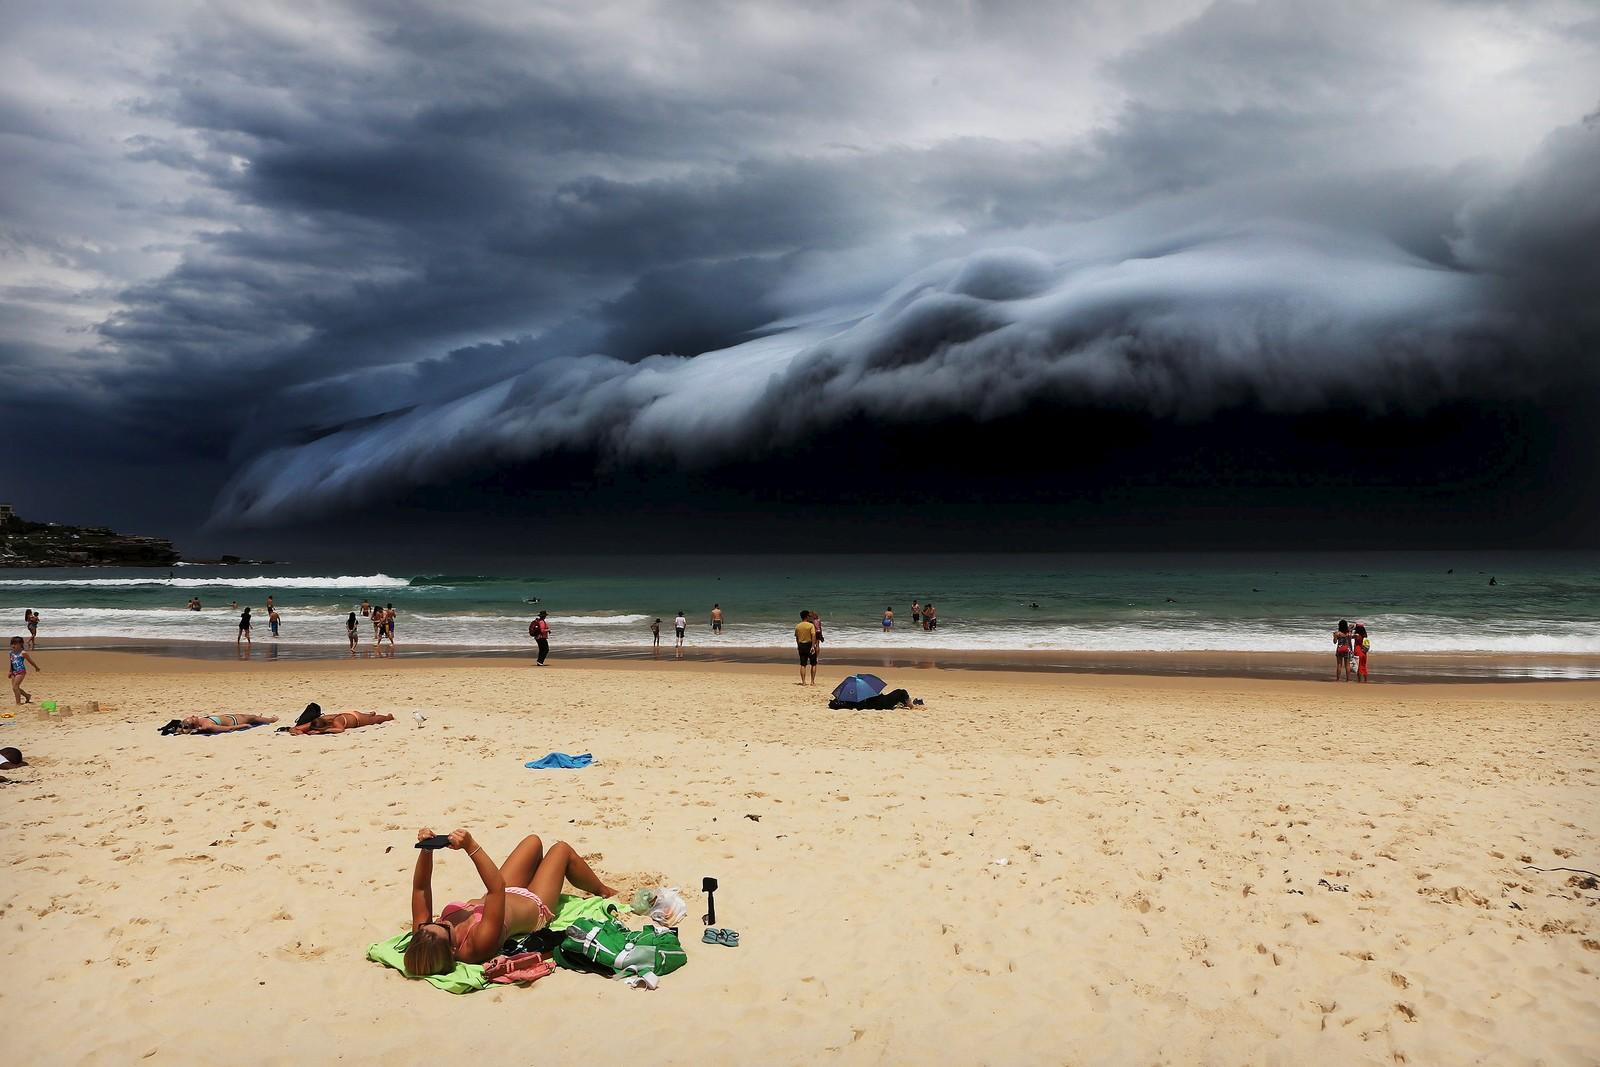 Storm Front on Bondi Beach av Rohan Kelly gikk til topps i kategorien Nature.